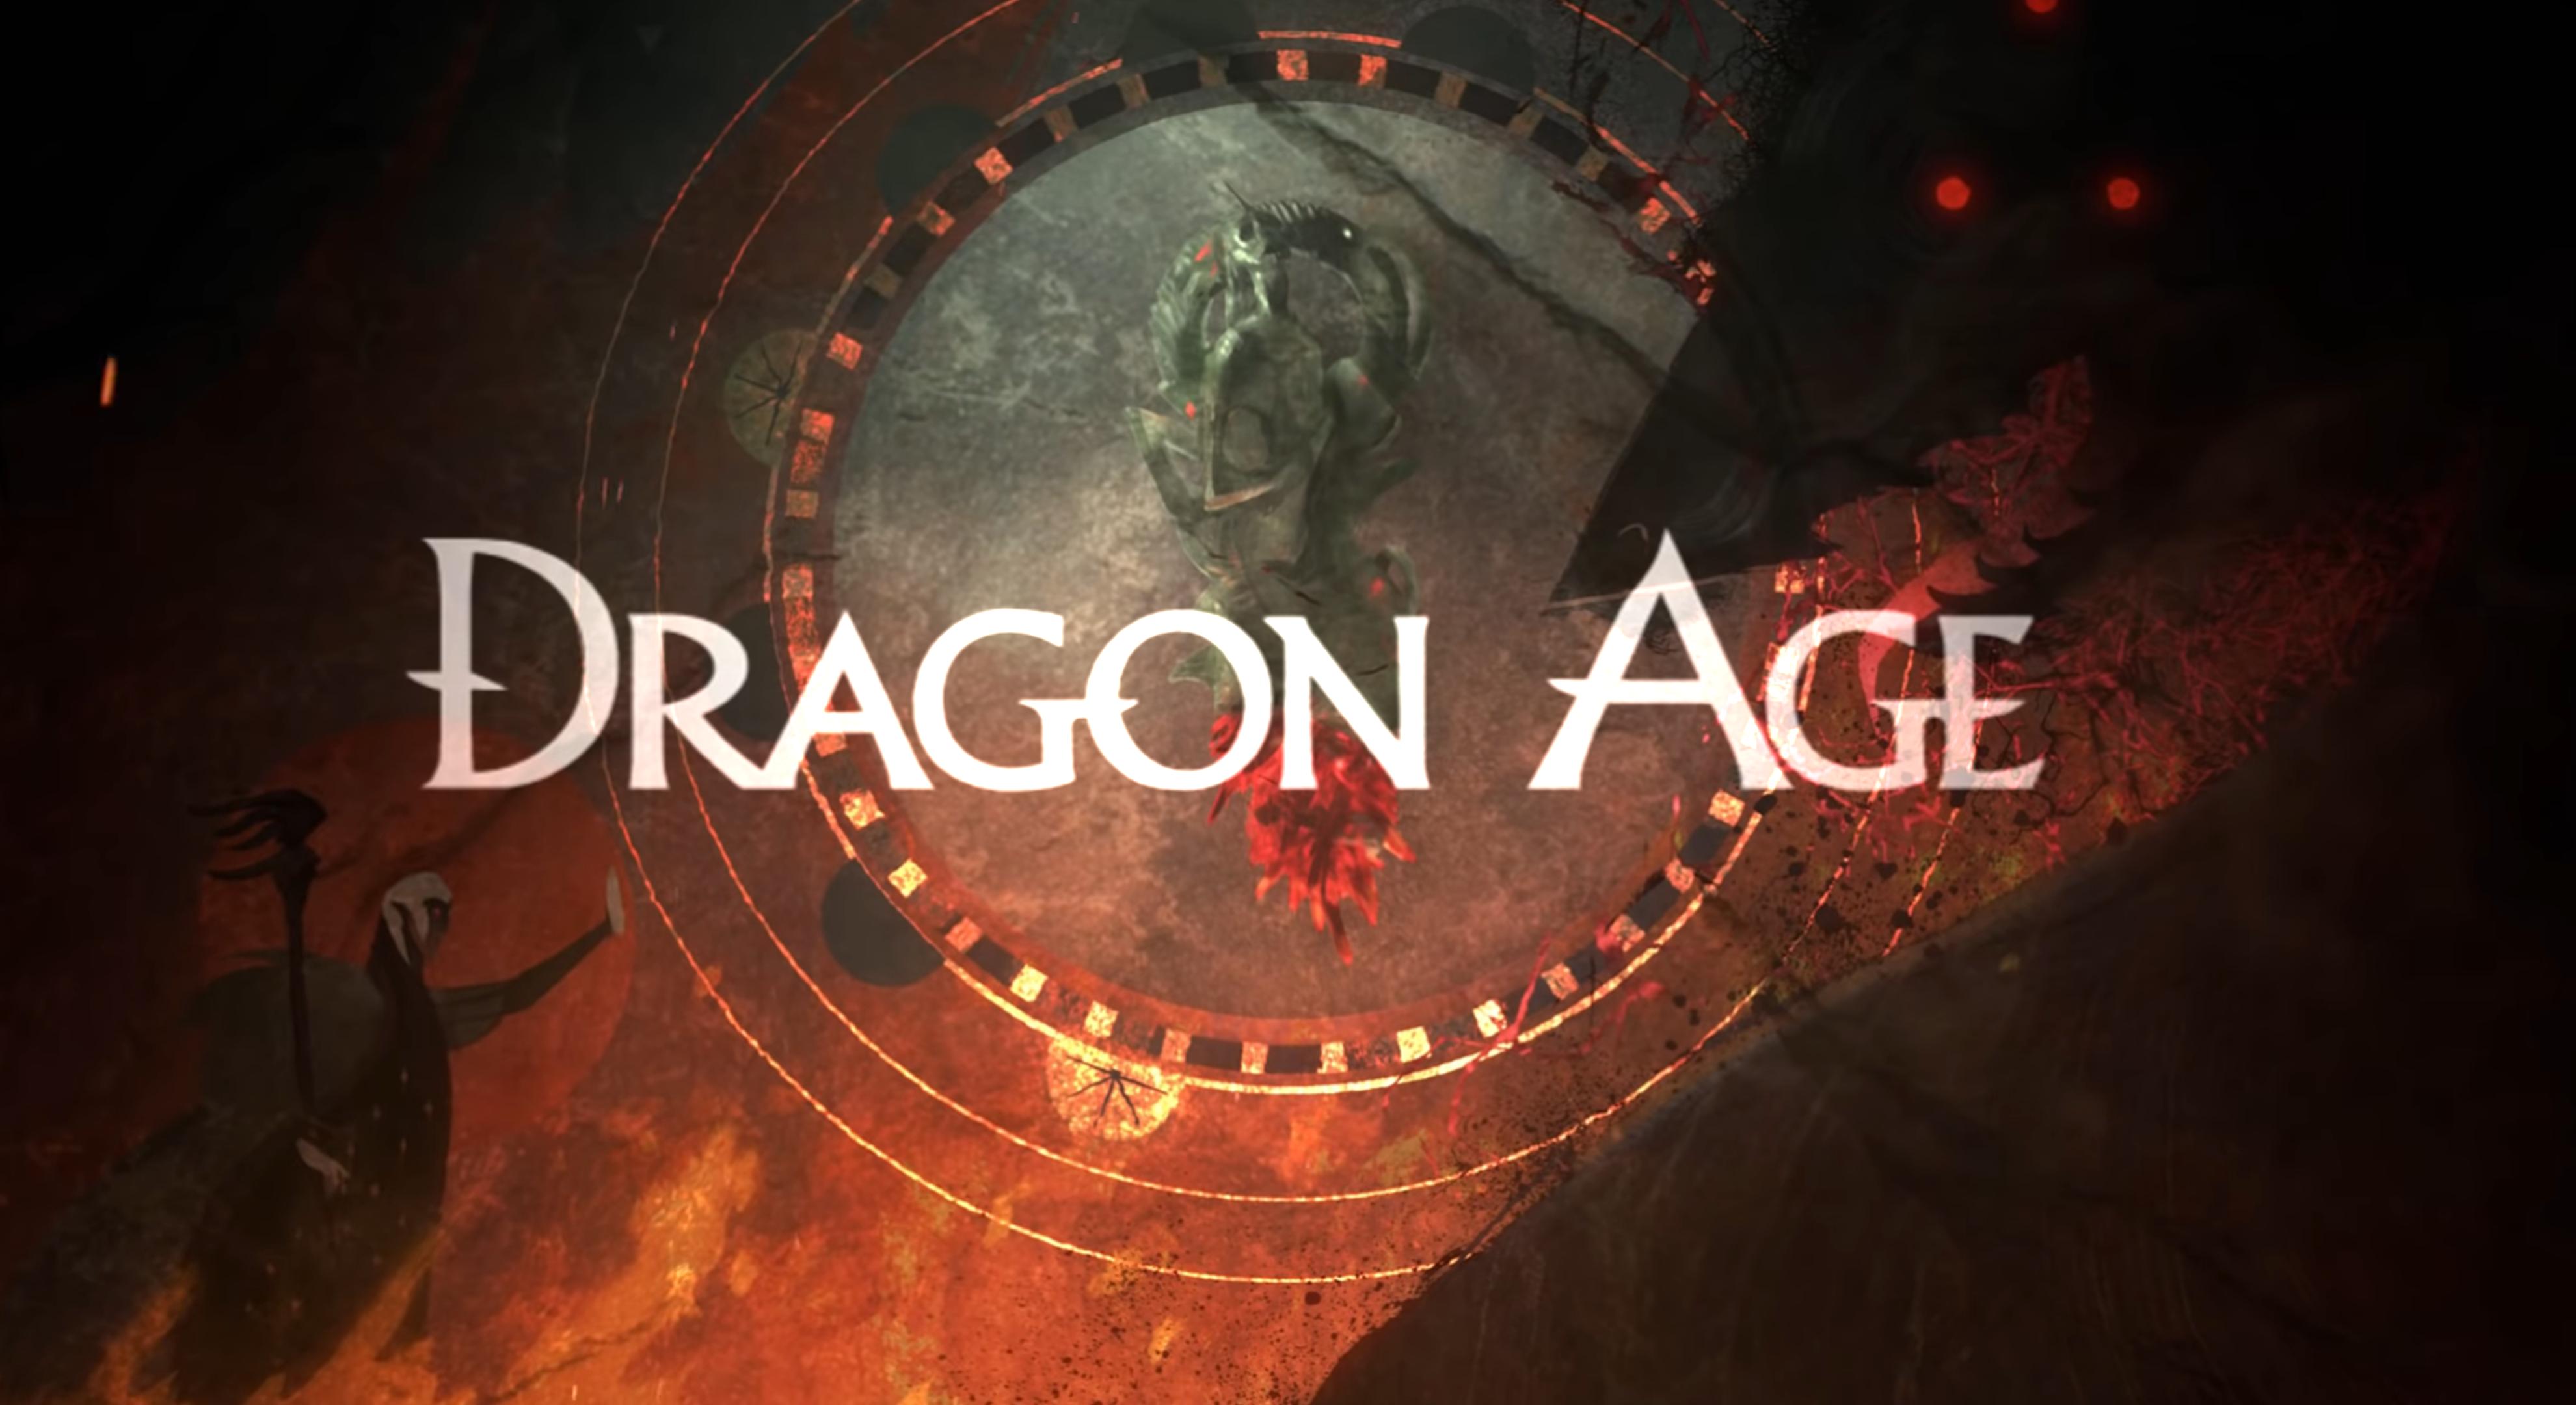 СМИ: 😱 Electronic Arts передумала делать из Dragon Age 4 игру-сервис 🔥. Теперь это одиночная RPG в духе BioWare 🎉